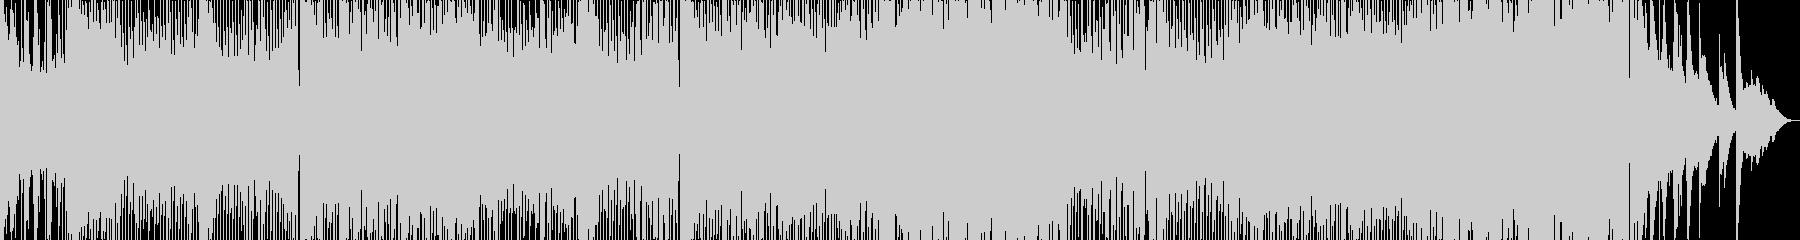 ブラジル風サンバポップの未再生の波形